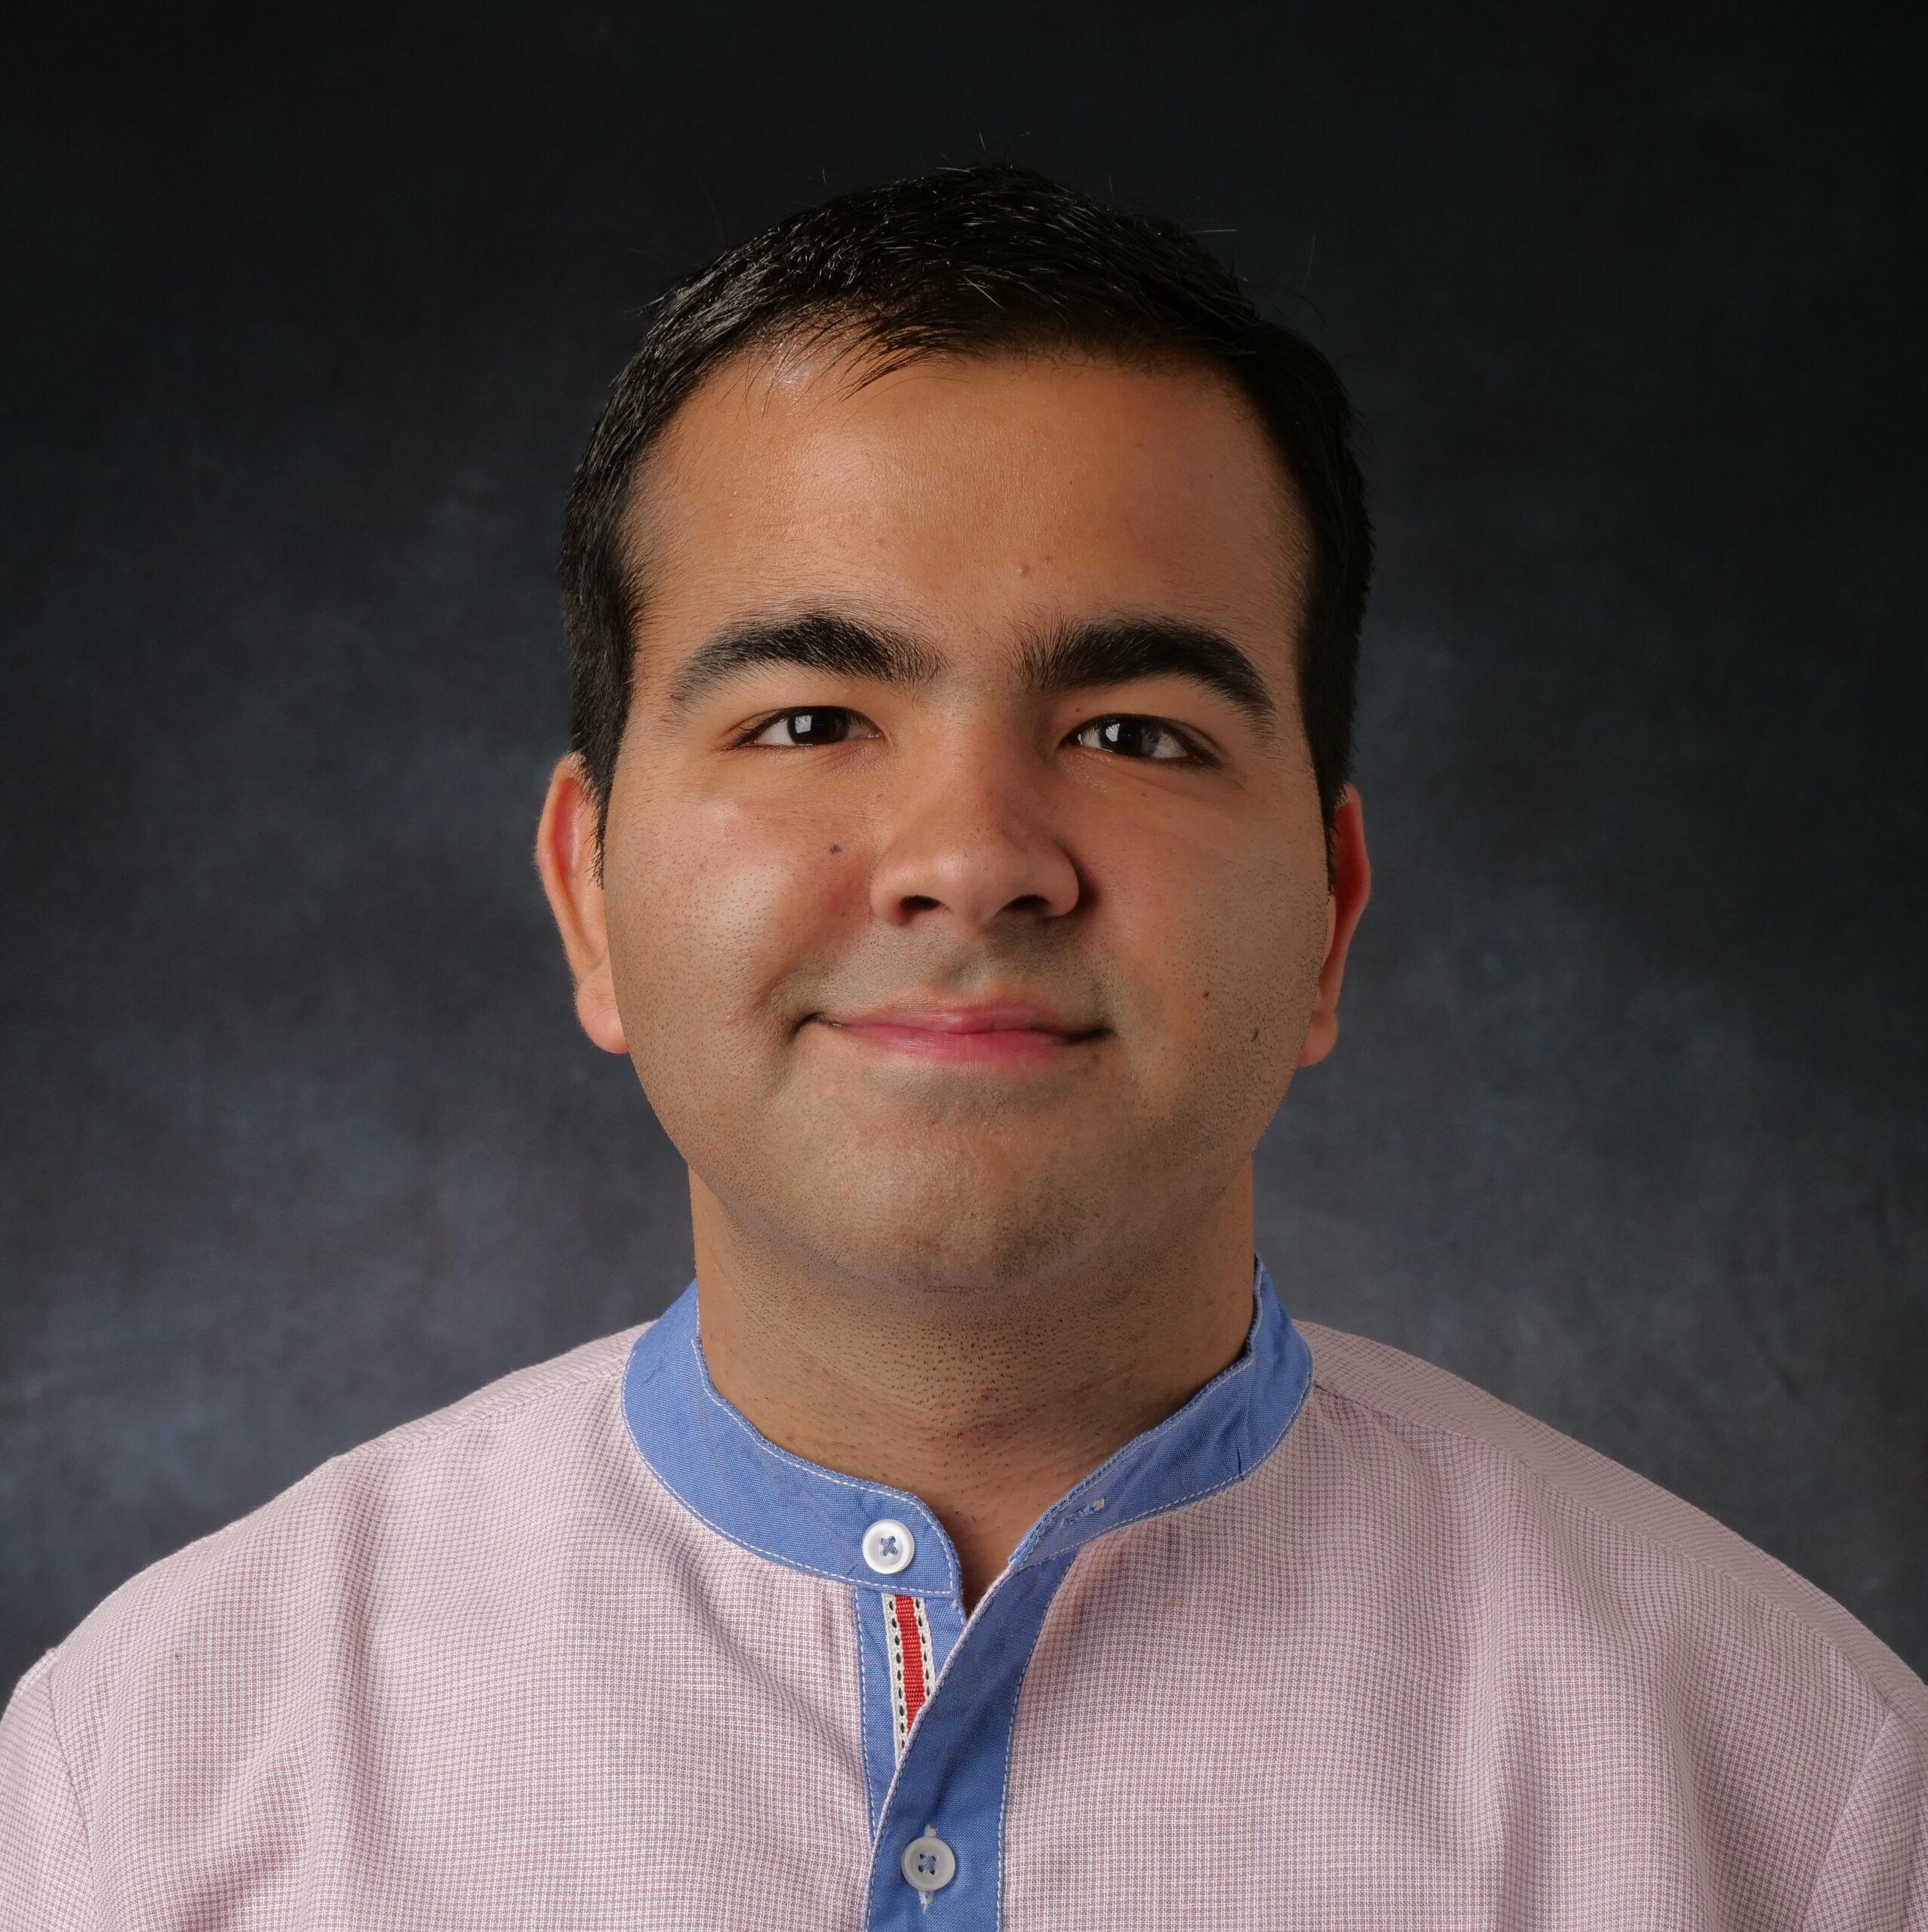 Akshit Arora